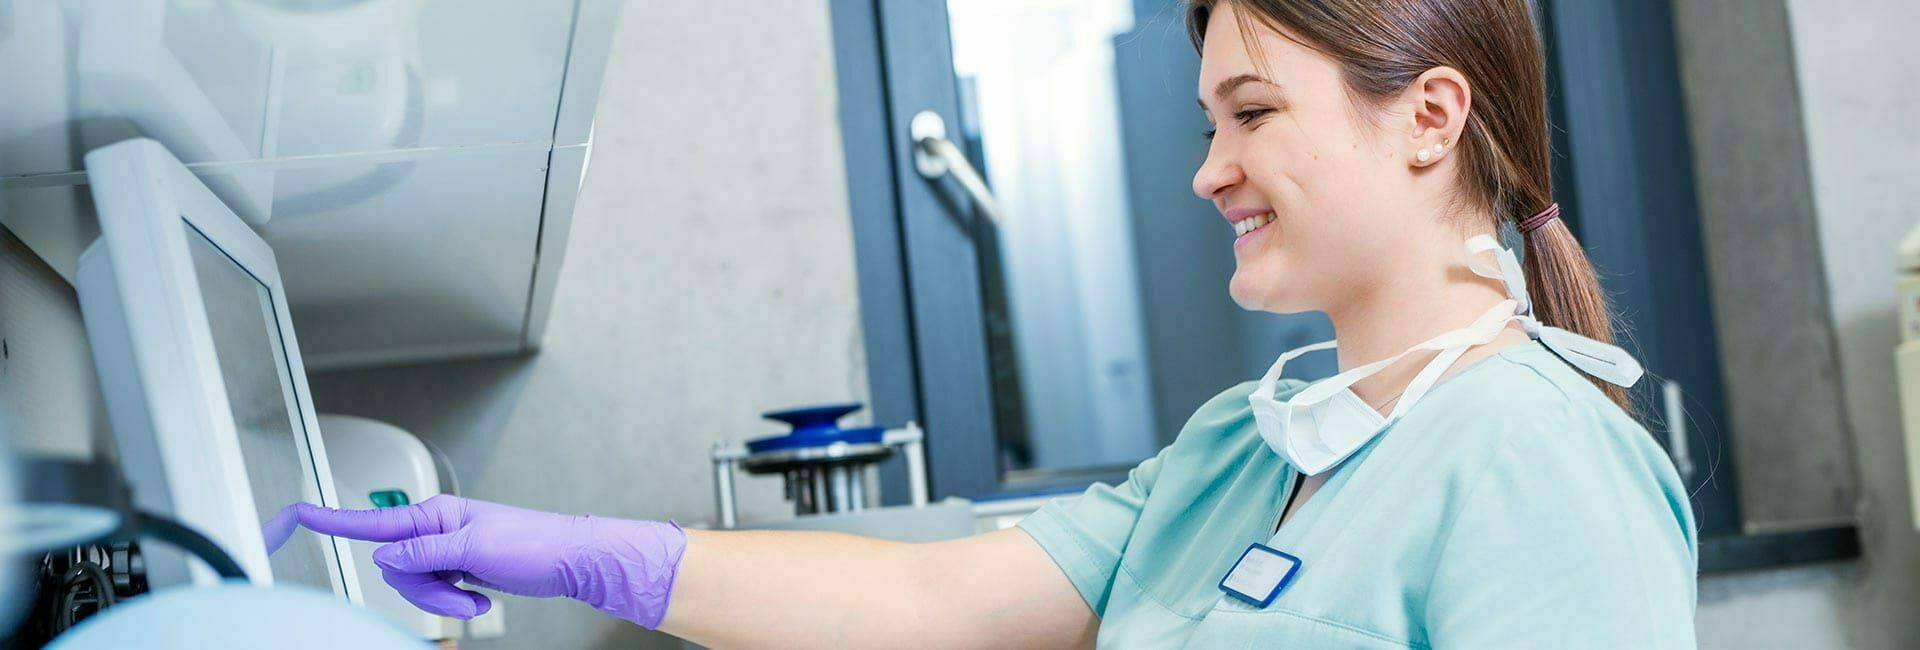 Auszubildende zur Zahnmedizinische Fachangestellte Neele beim Arbeiten